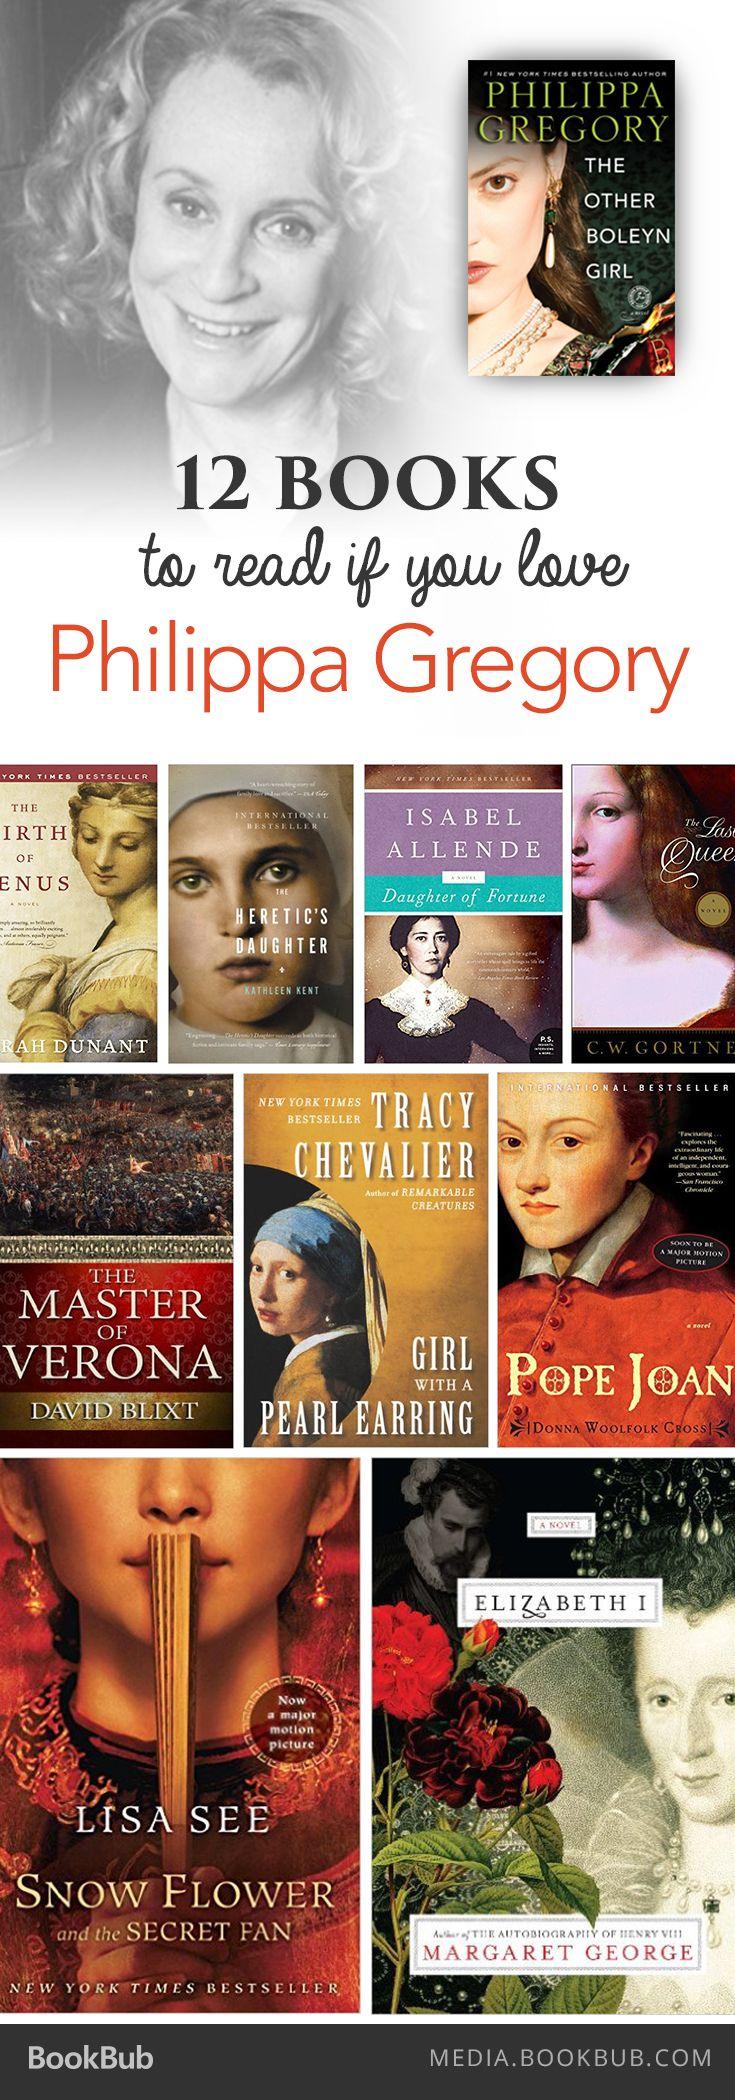 L'Autre Livre De Fille Boleyn Lire En Ligne Gratuitement